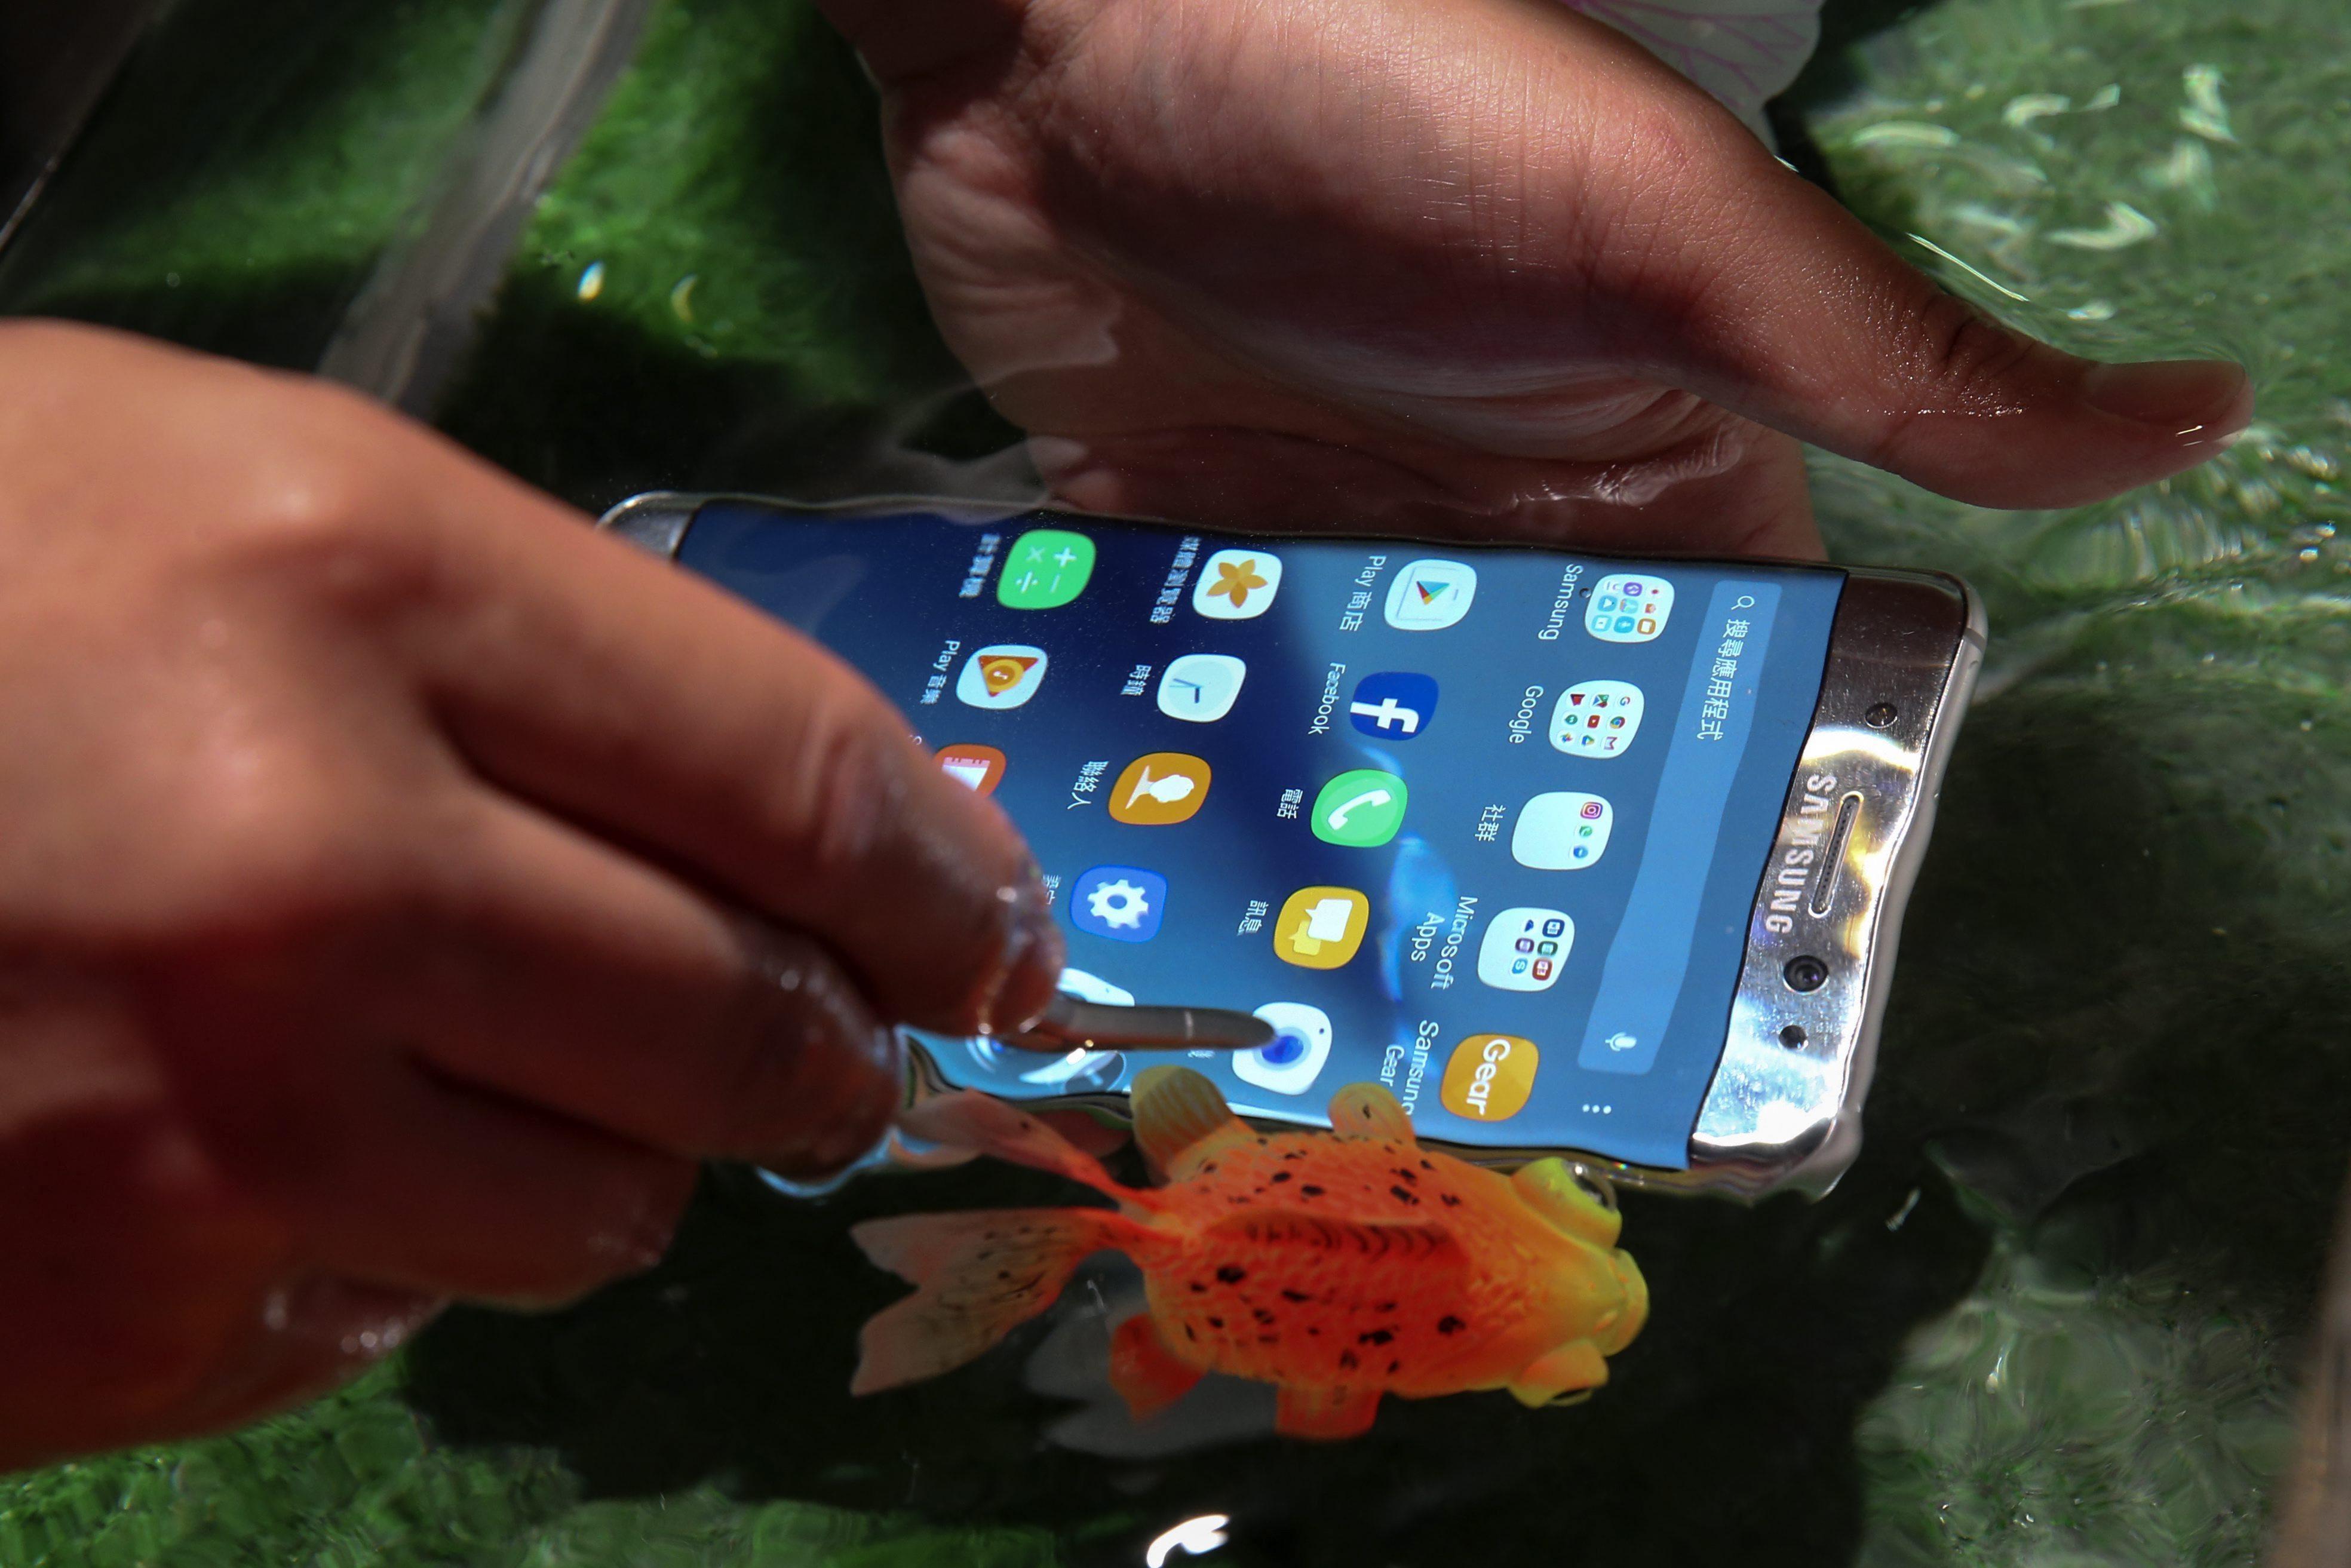 """RIT06 TAIPEI (TAIWÁN) 05/08/2016.- Un usuario prueba un Galaxy Note 7, la última versión de """"phablet"""" o tabléfono de la compañía Samsung Electronics, mientras lo sumerge en el agua, en Taipei, Taiwán, hoy, 5 de agosto de 2016. El tabléfono, con una función de reconocimiento de iris que ha suscitado gran interés en el mercado, estará disponible mediante encargo a partir de mañana. EFE/Ritchie B. Tongo"""